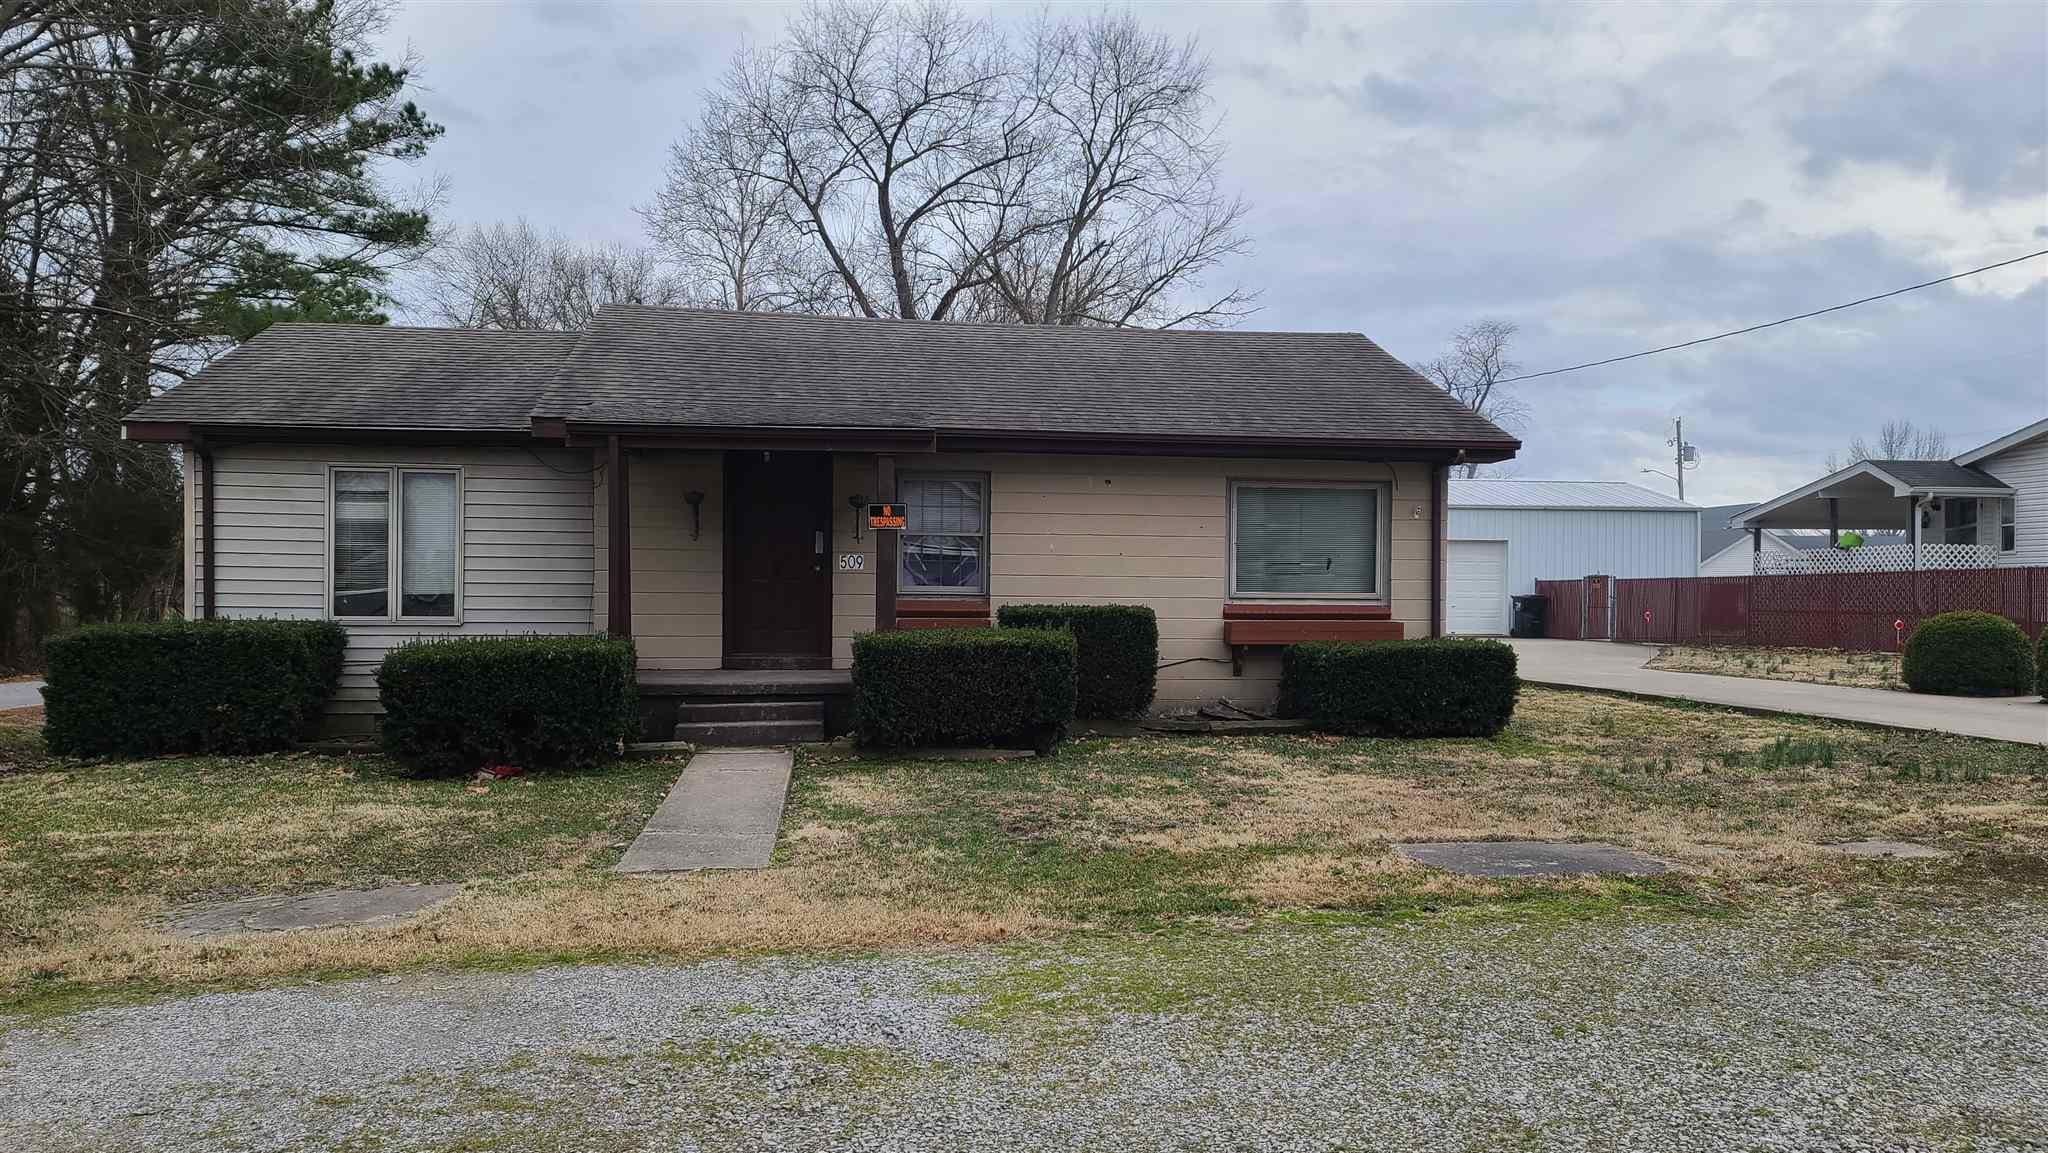 509 E LINCOLN Property Photo - Galatia, IL real estate listing